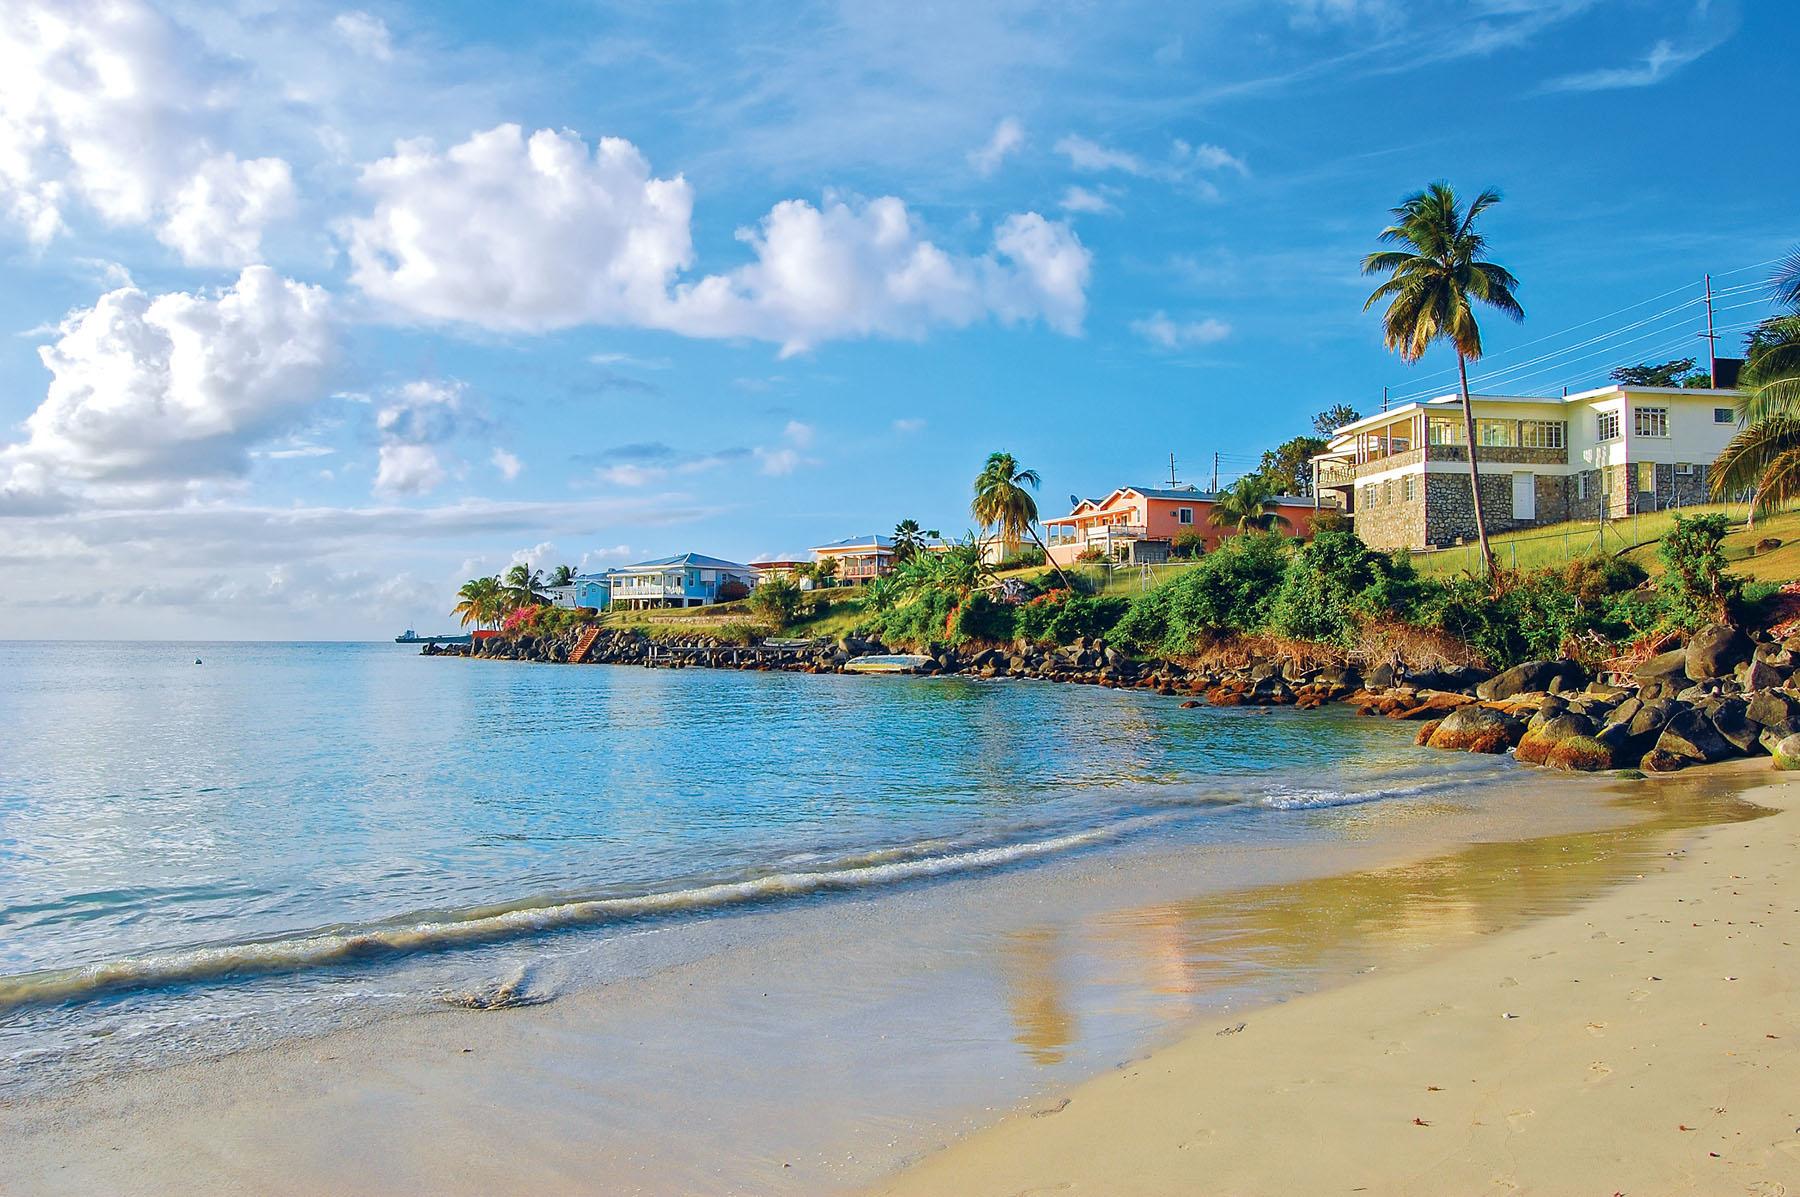 Caribbean-Grenada_1022152003_1